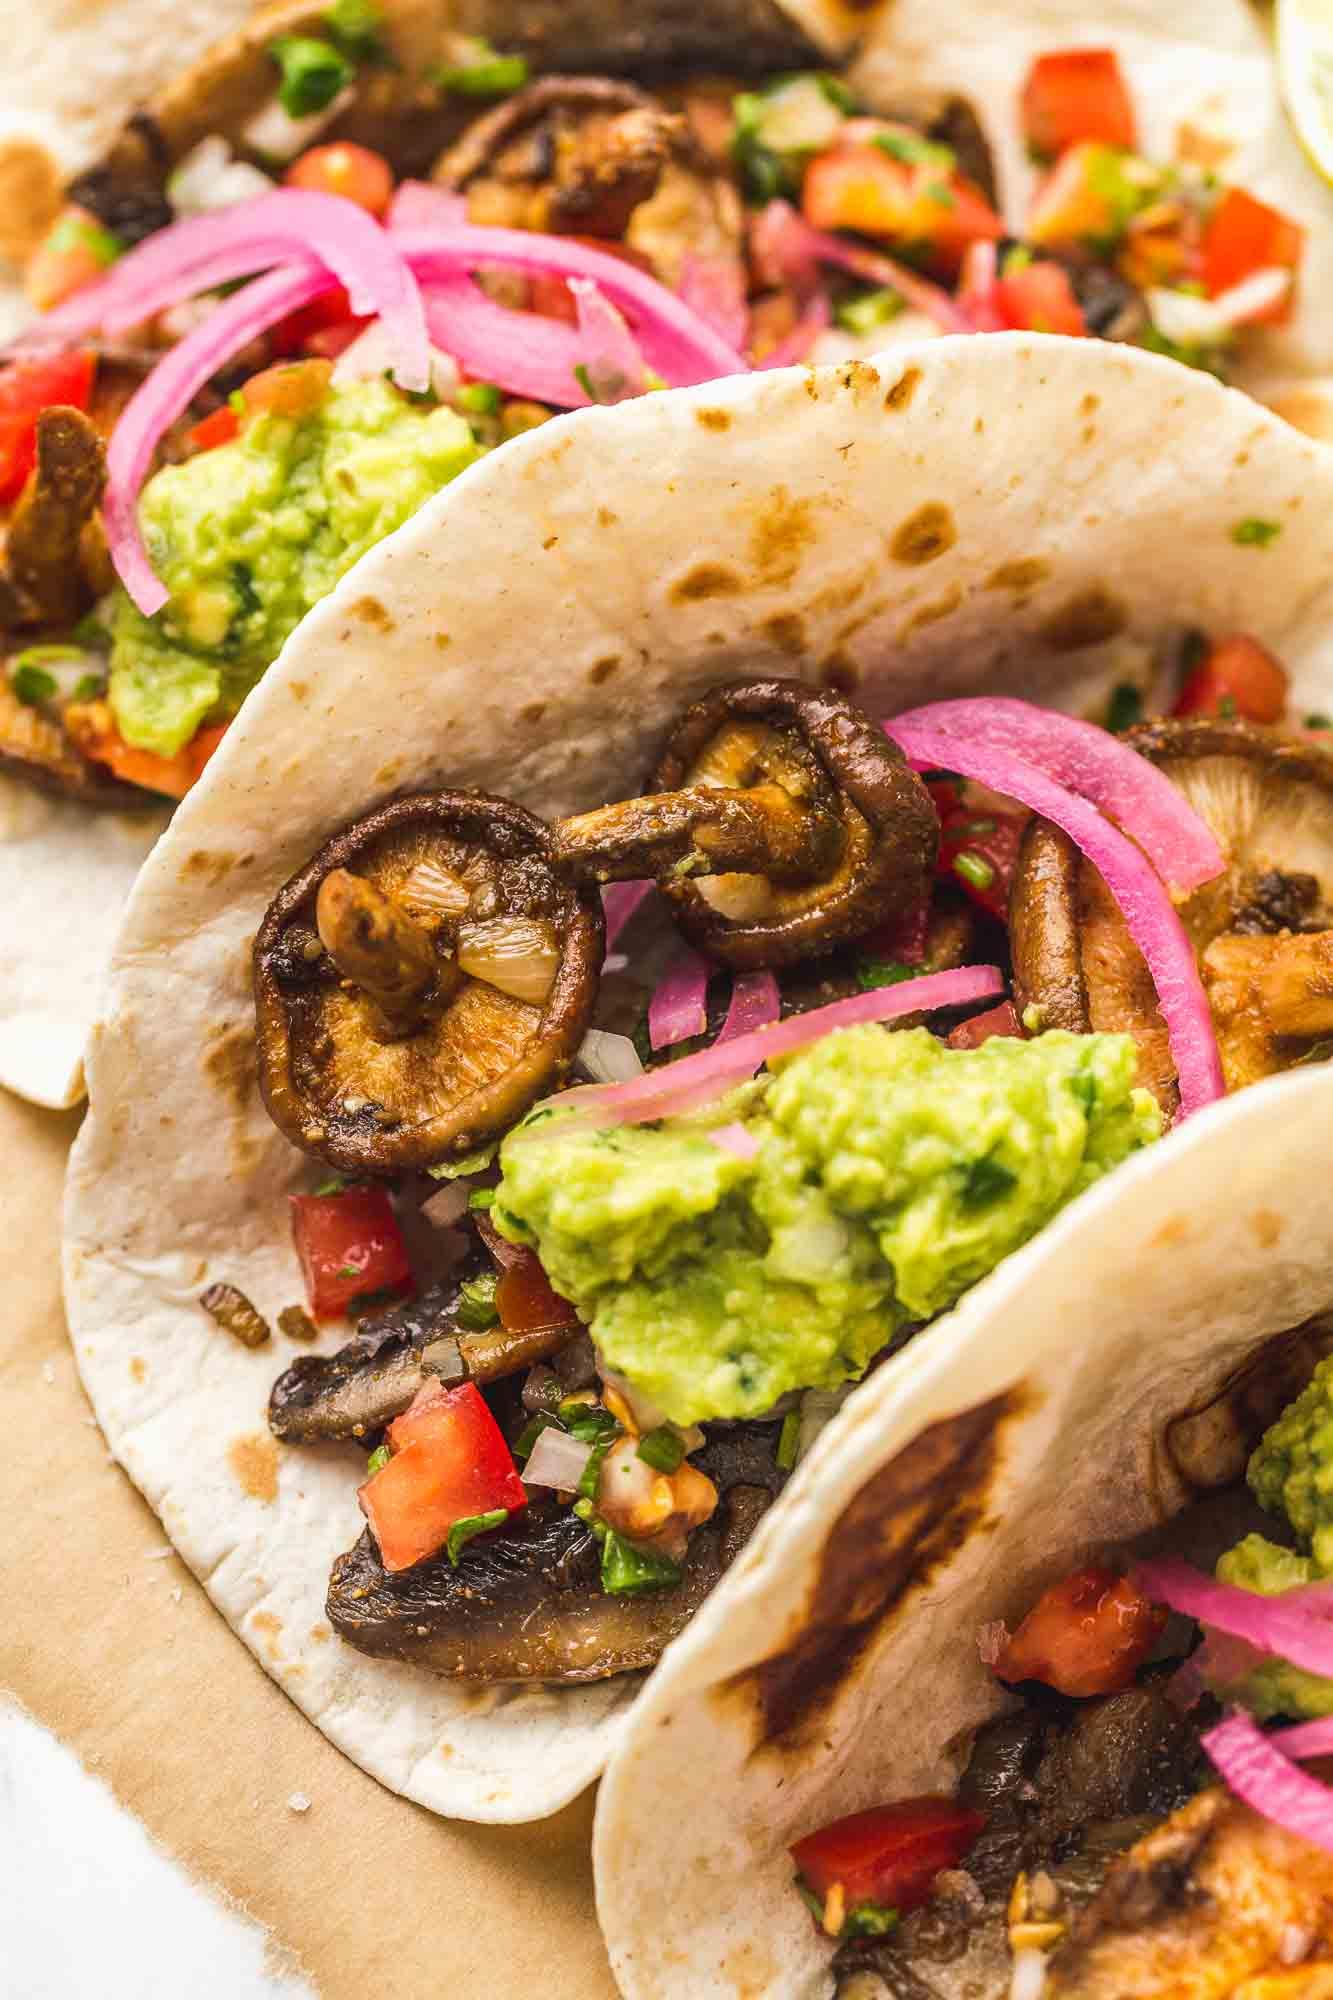 An angle shot of a mushroom taco